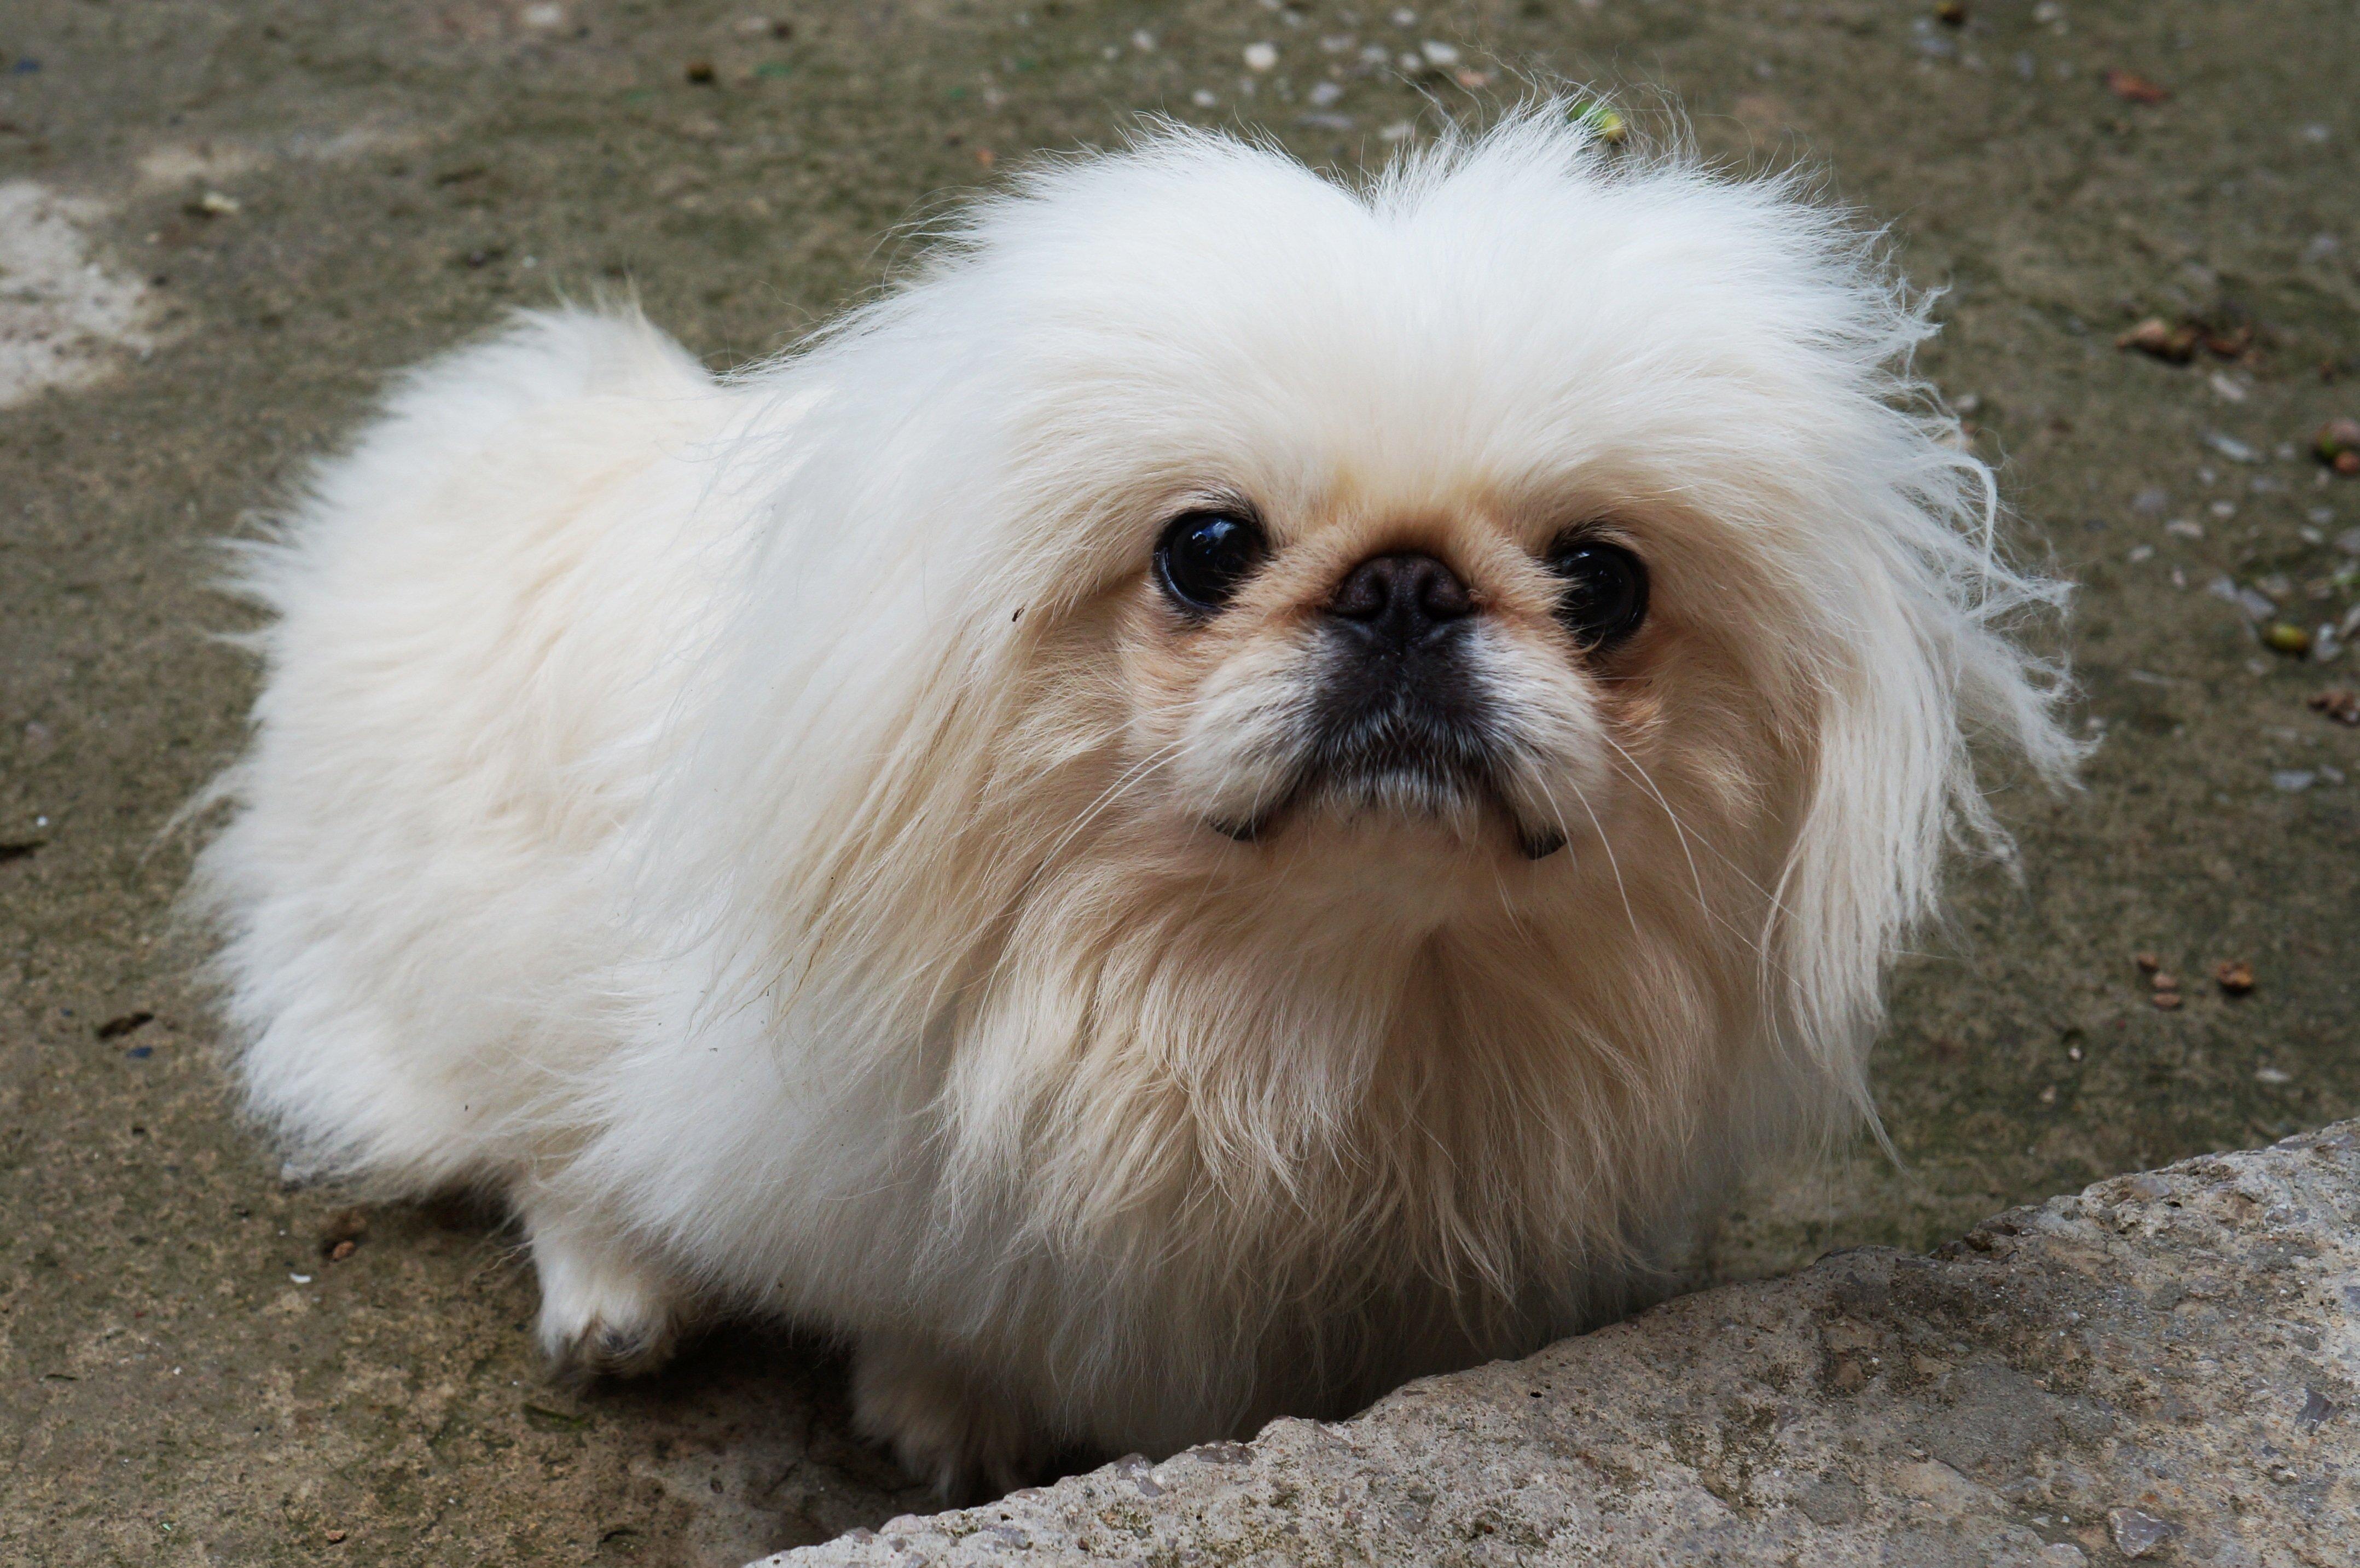 Cura del cane pechinese: il bagno e la pulizia